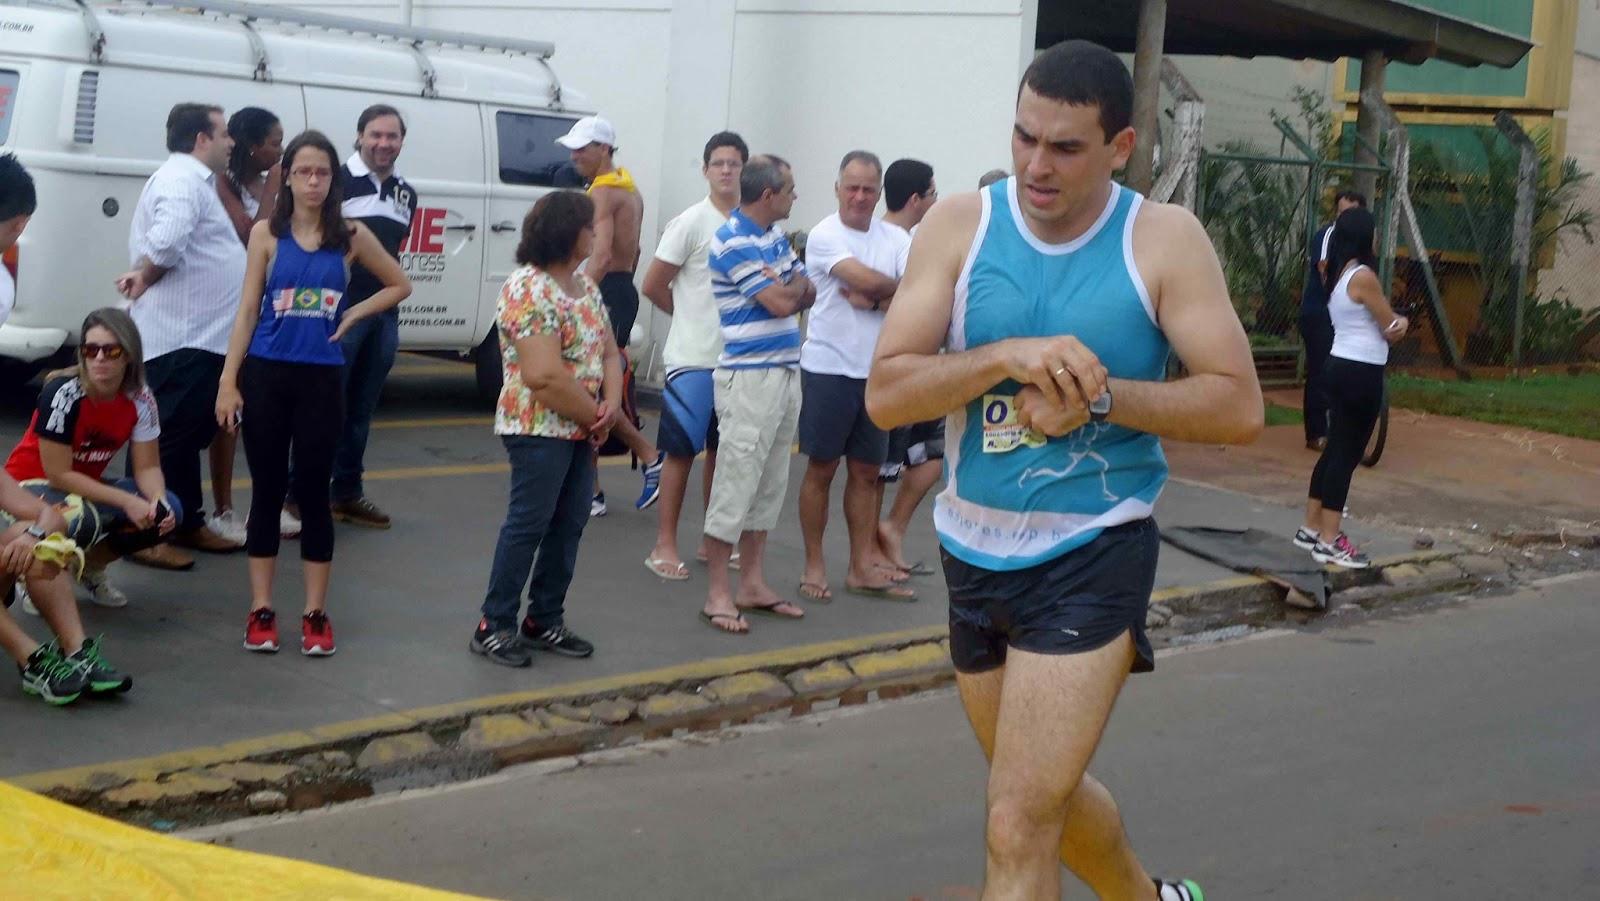 Foto 131 da 1ª Corrida Av. dos Coqueiros em Barretos-SP 14/04/2013 – Atletas cruzando a linha de chegada